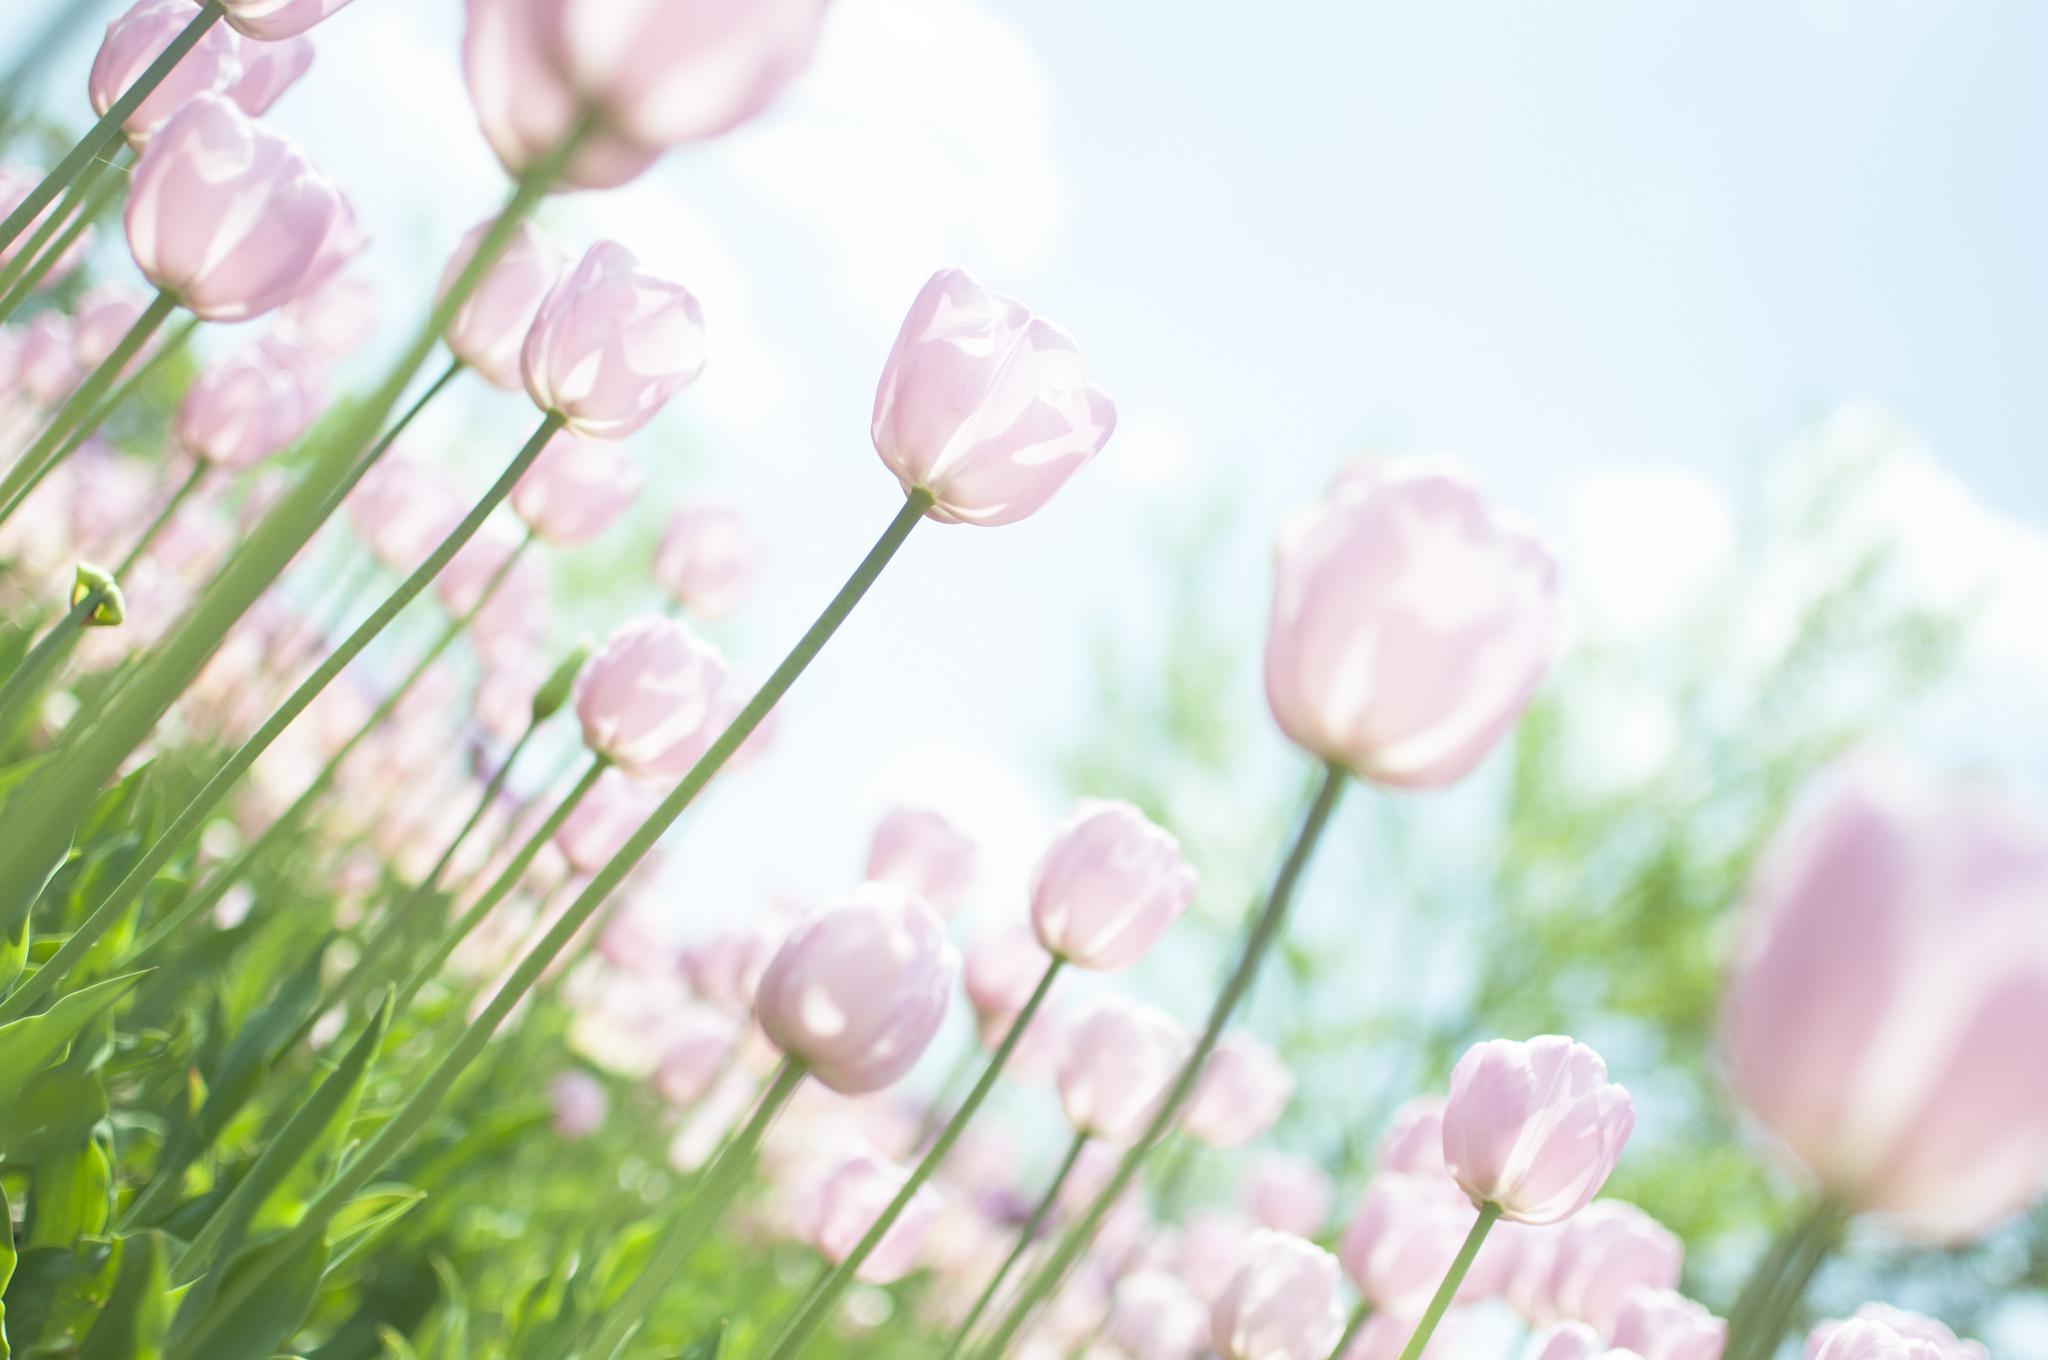 тюльпаны свет цветы  № 736338 загрузить